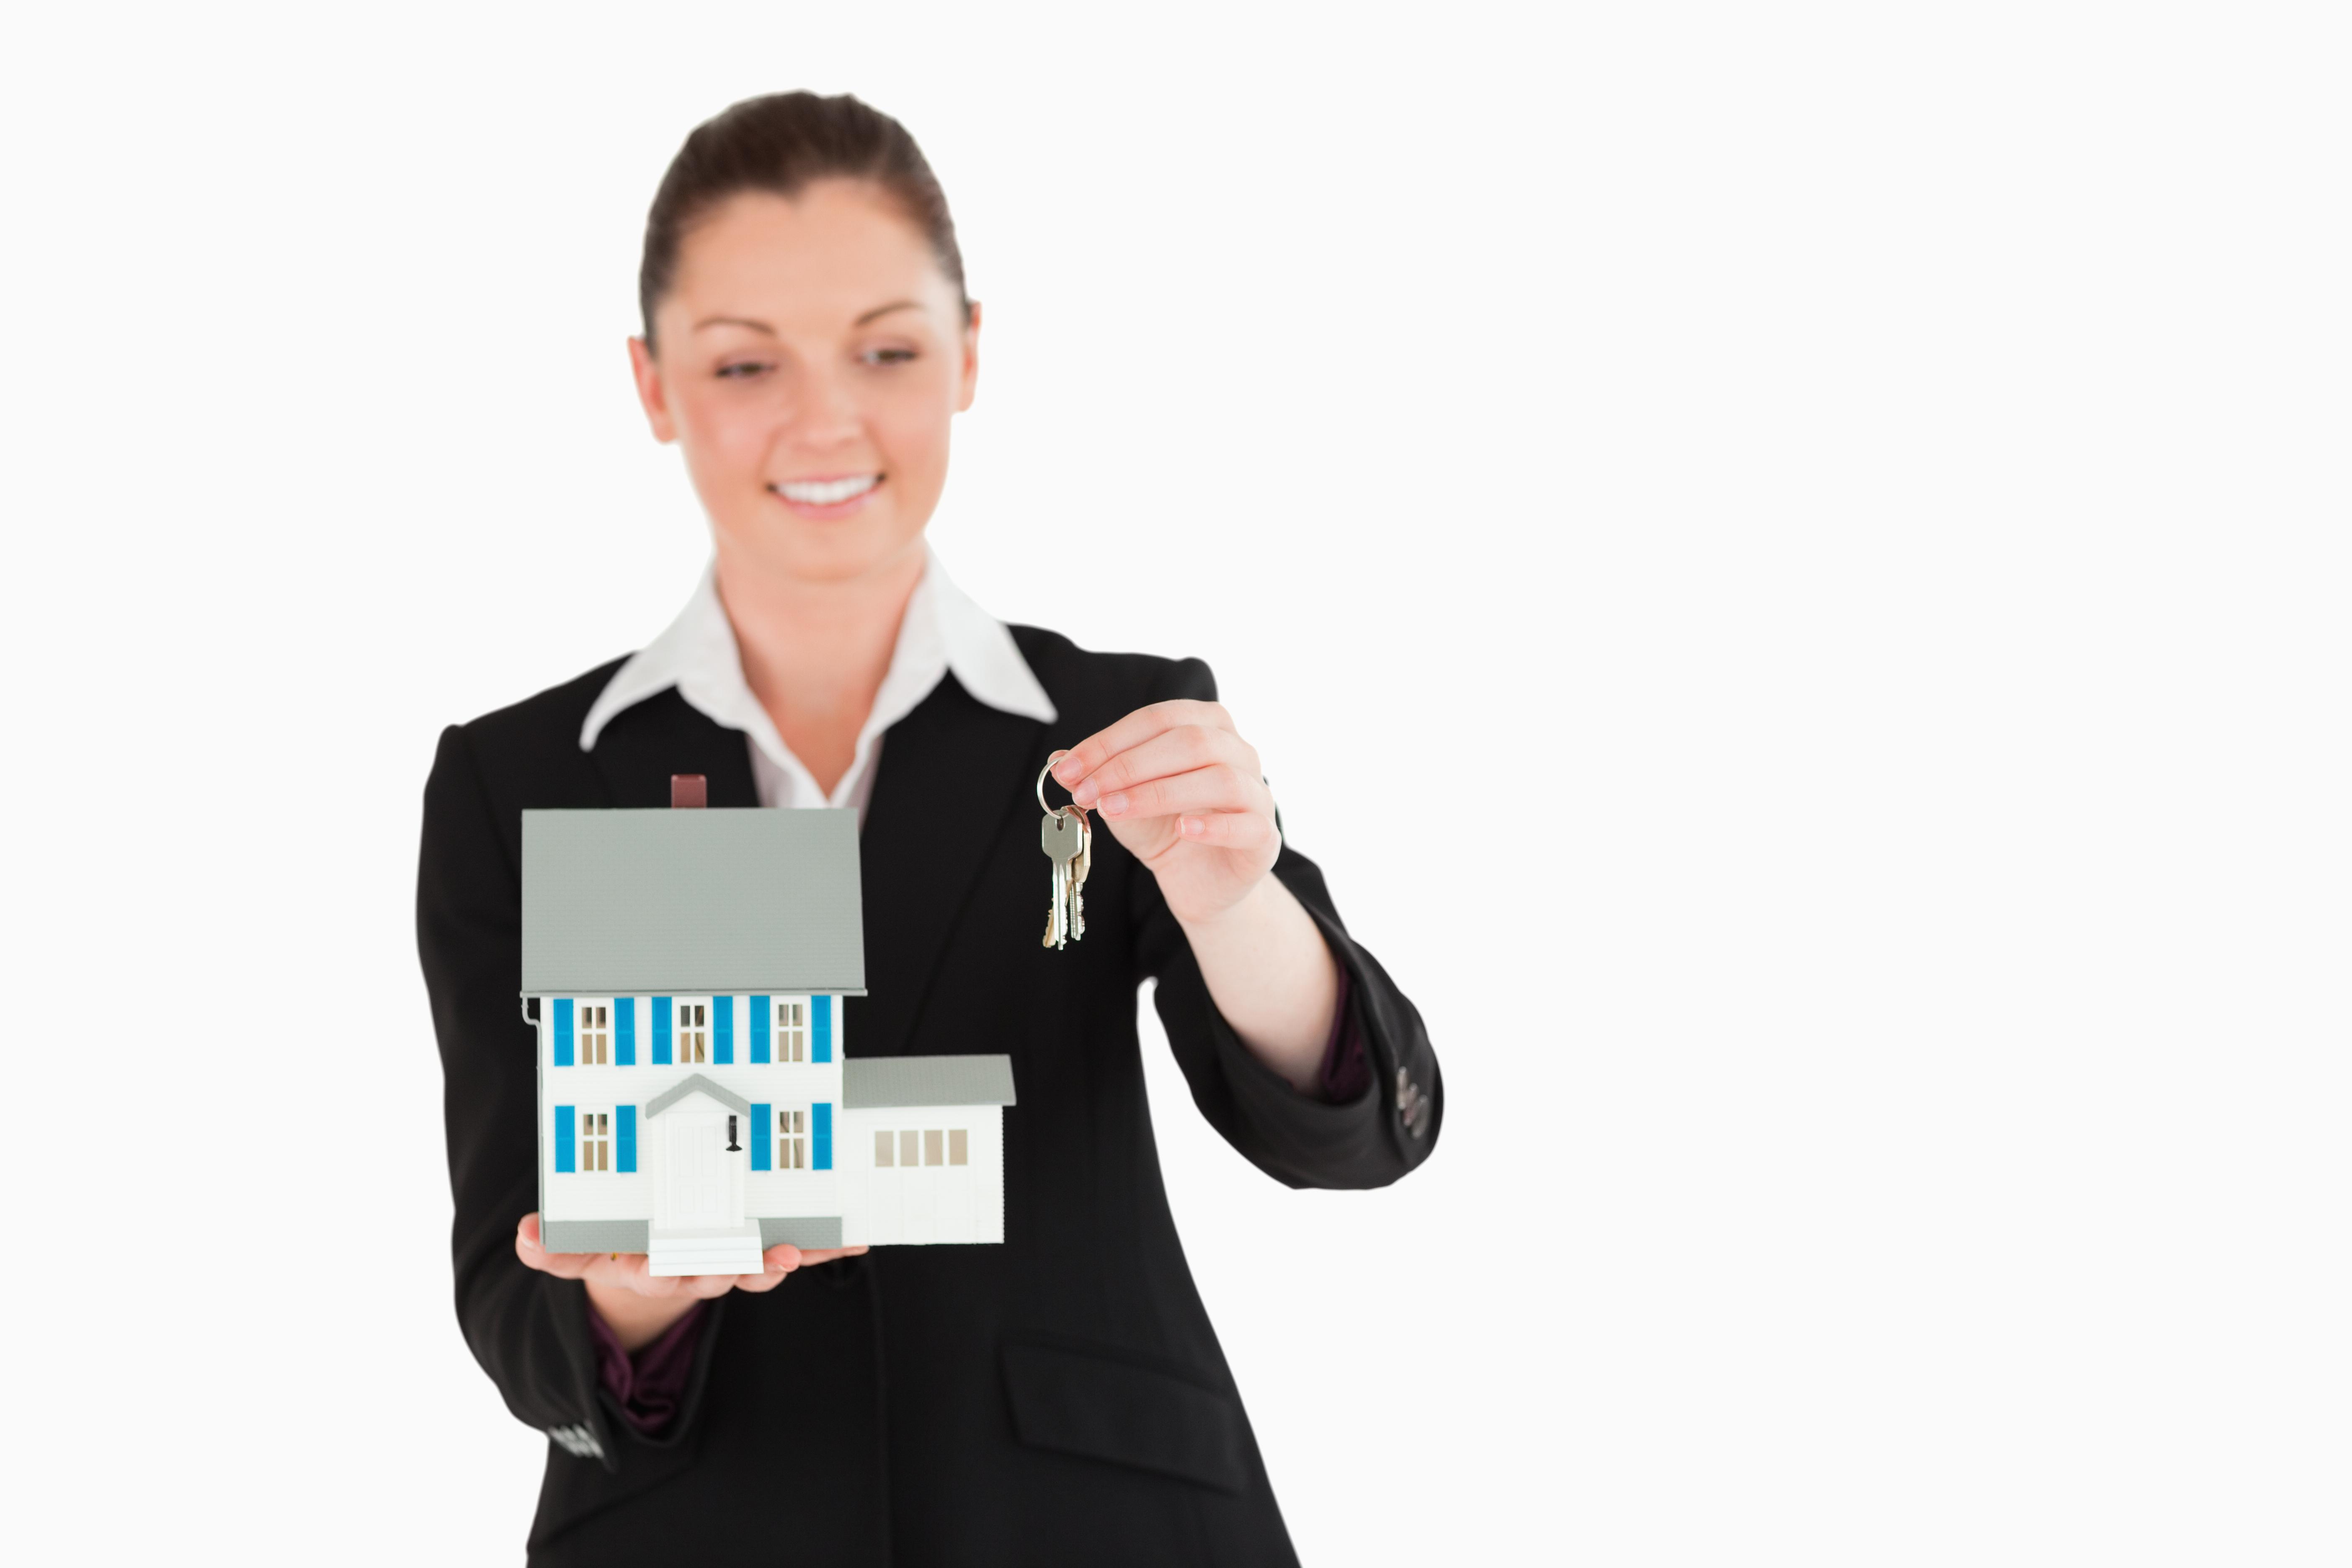 La rateizzazione dell'imposta di successione si può richiedere per importi non inferiori a 1.000 euro